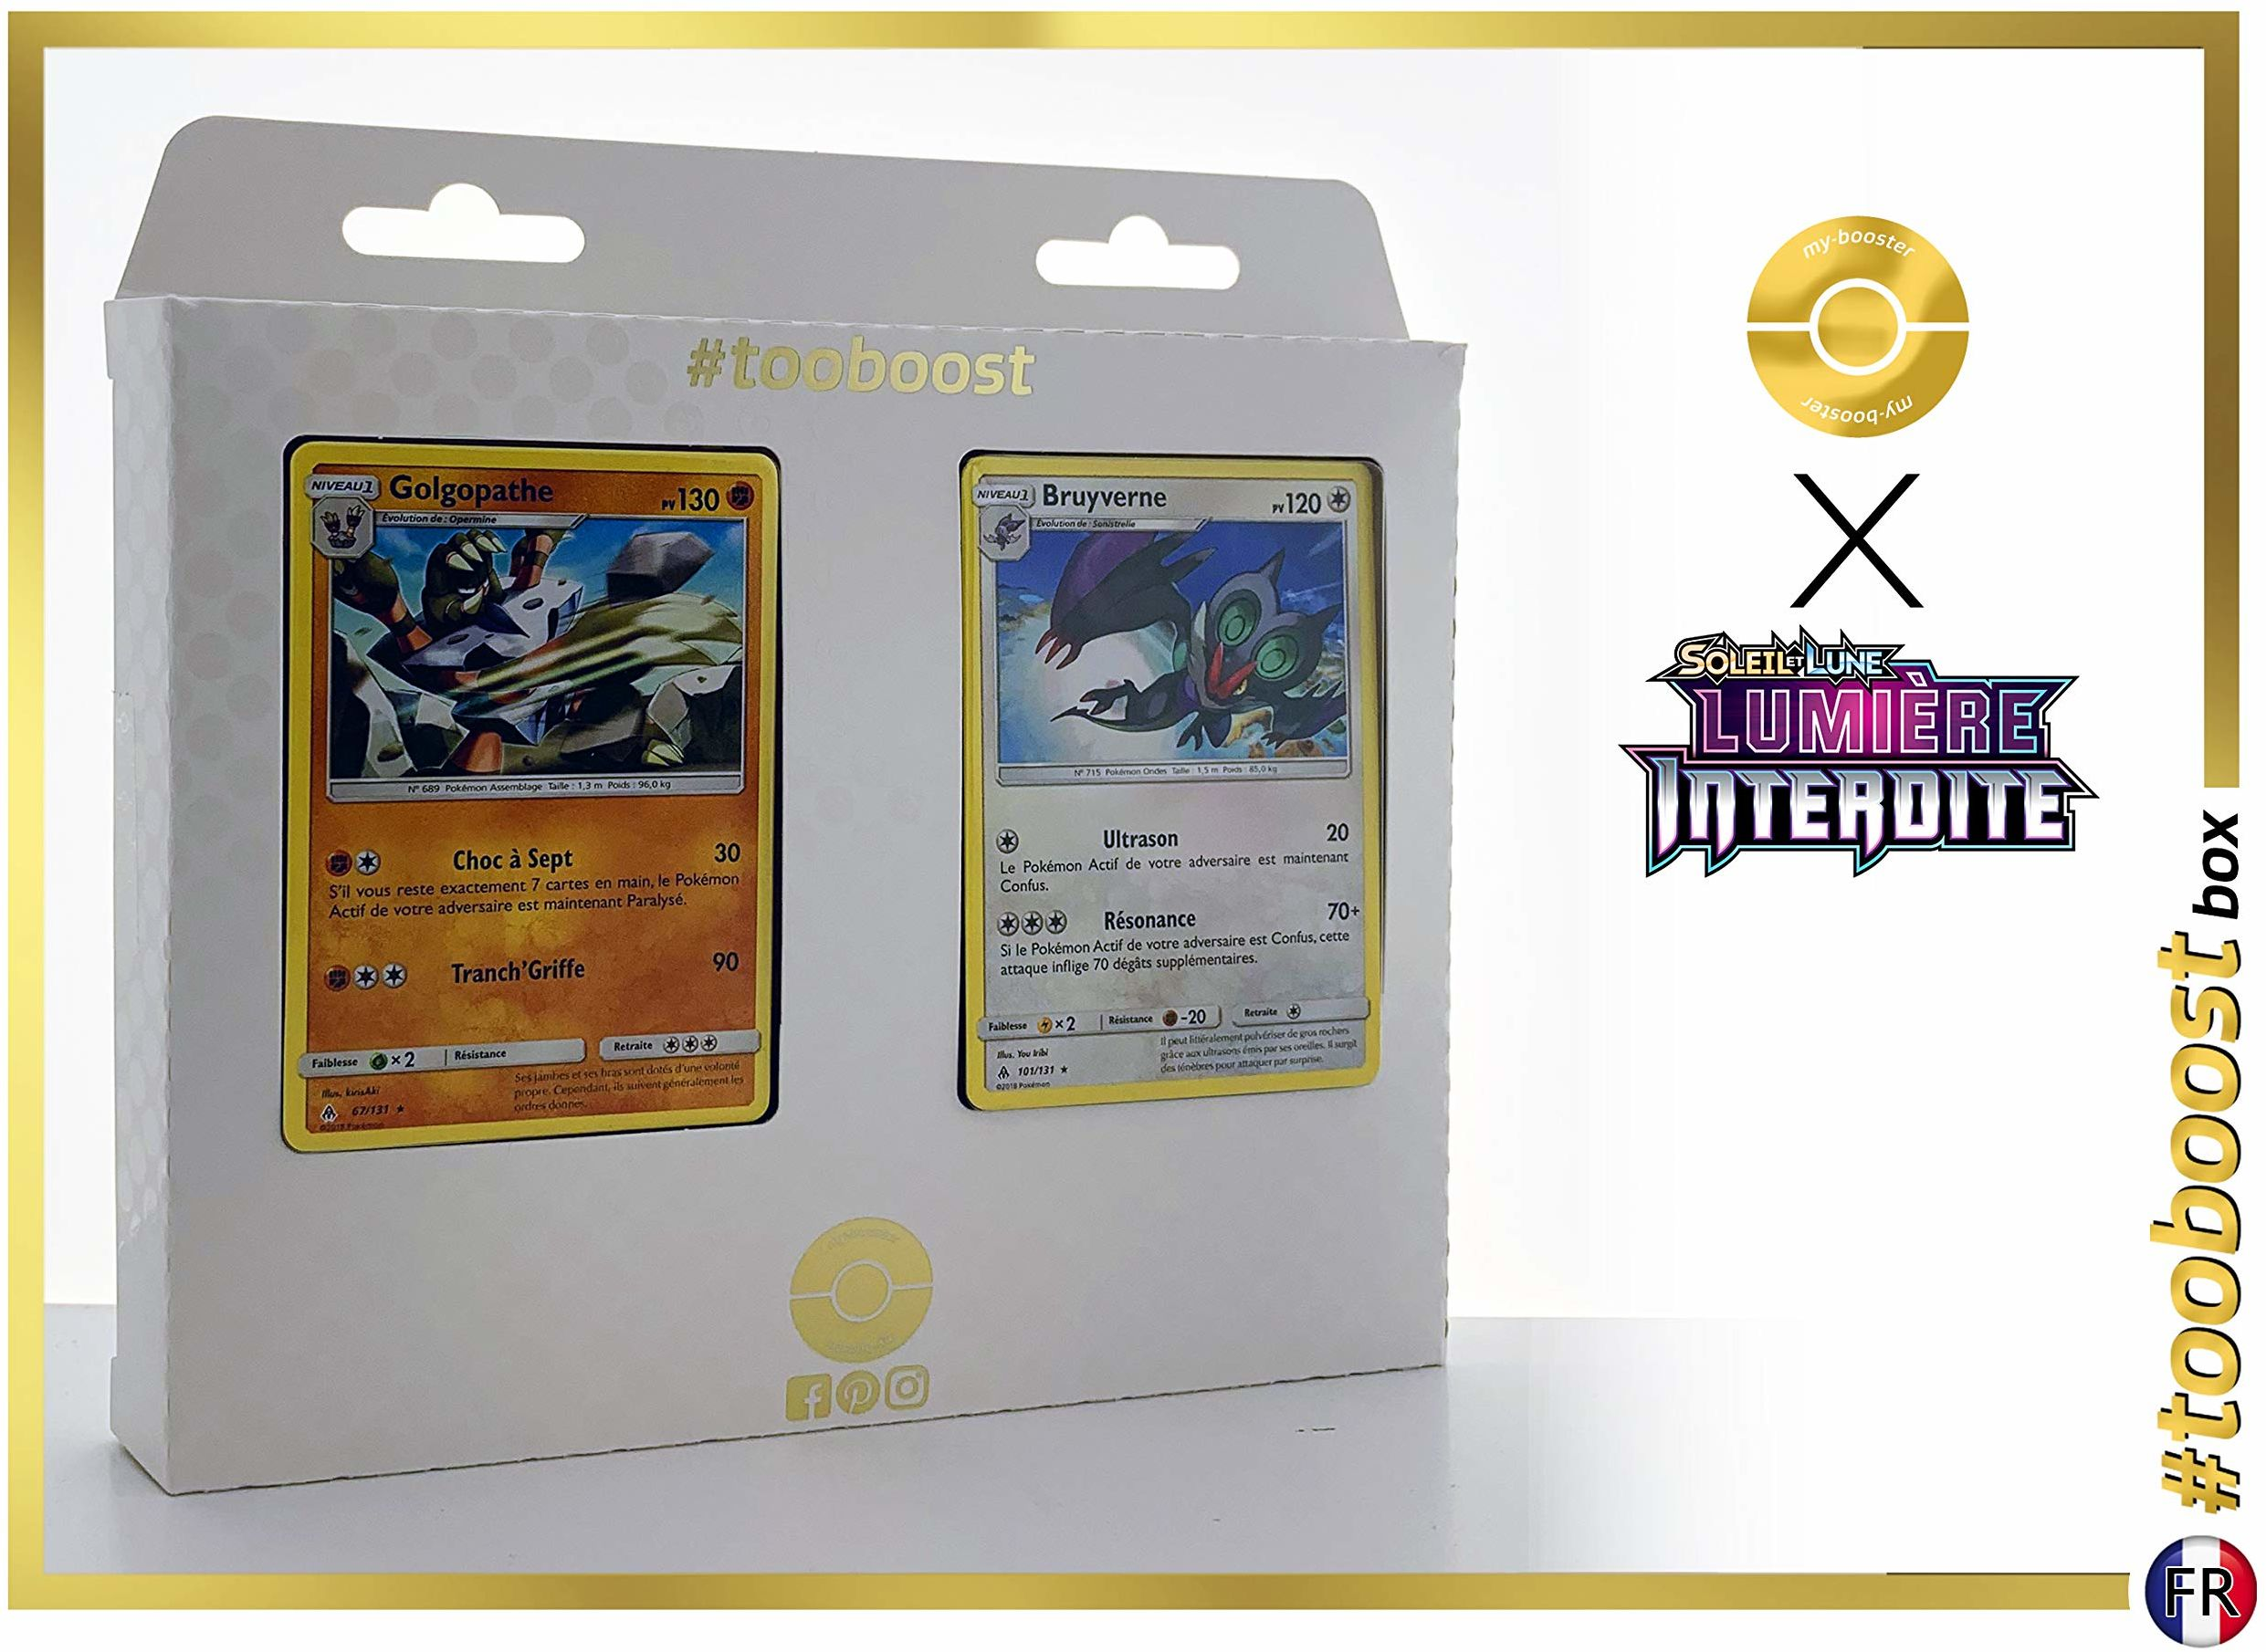 Golgopathe 67/131 & Bruyverne 101/131  #tooboost X Soleil & Księżyc 6 świateł, zestaw z 10 francuskimi kartami Pokémon + 1 Goodie Pokémon